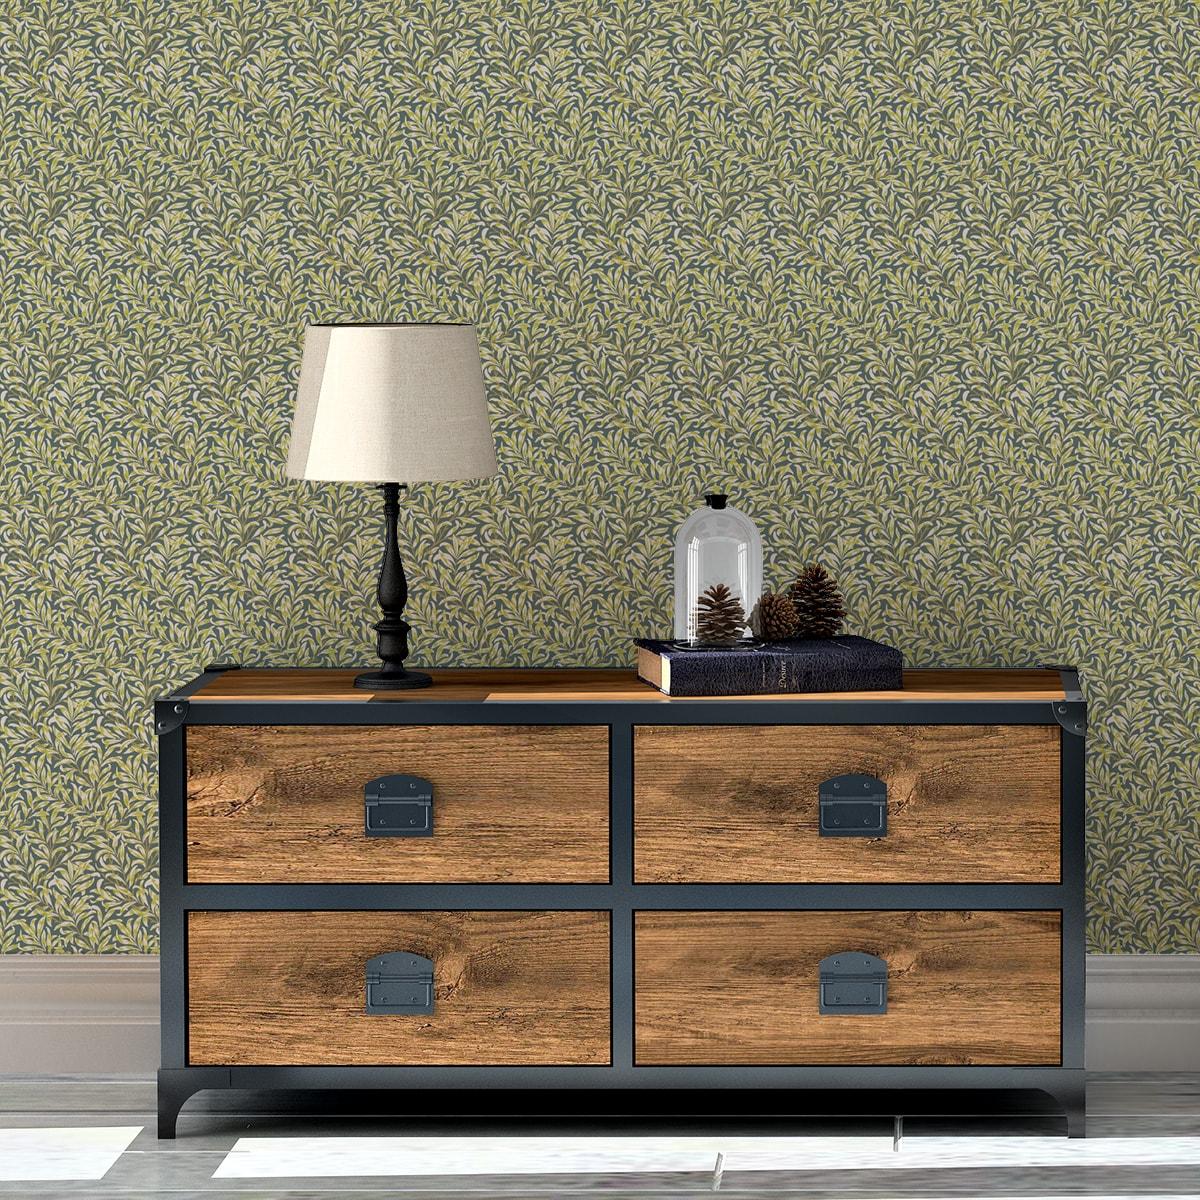 Schlafzimmer tapezieren in grün: William Morris Jugendstil Tapete